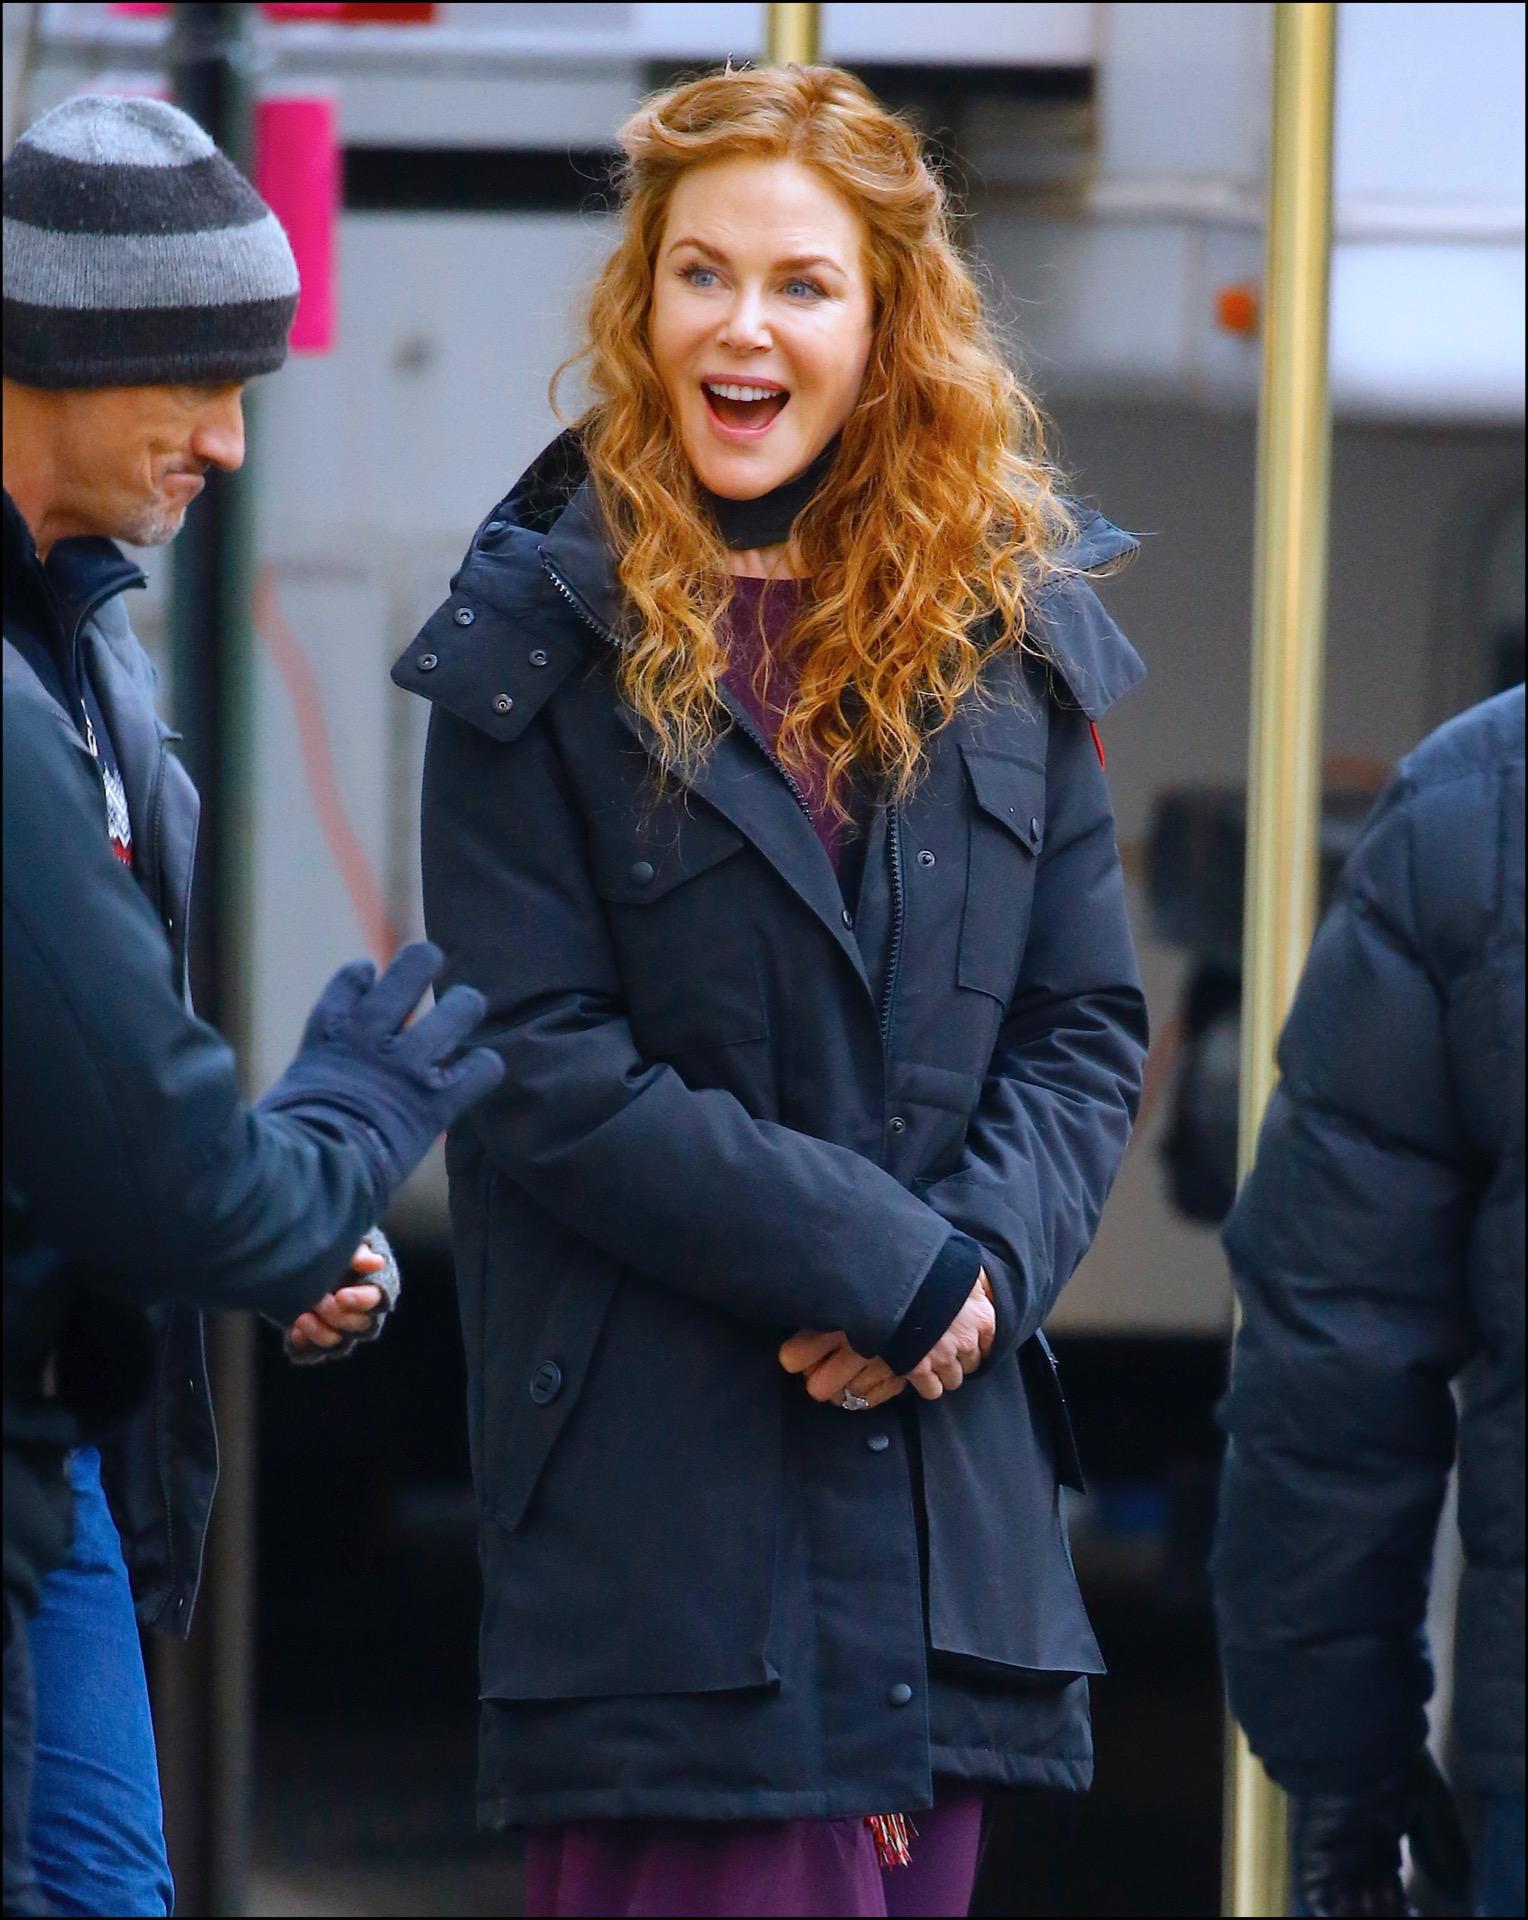 El deja vu de Nicole Kidman: otra vez con rizos colorados, como se dio a conocer en los ´90.